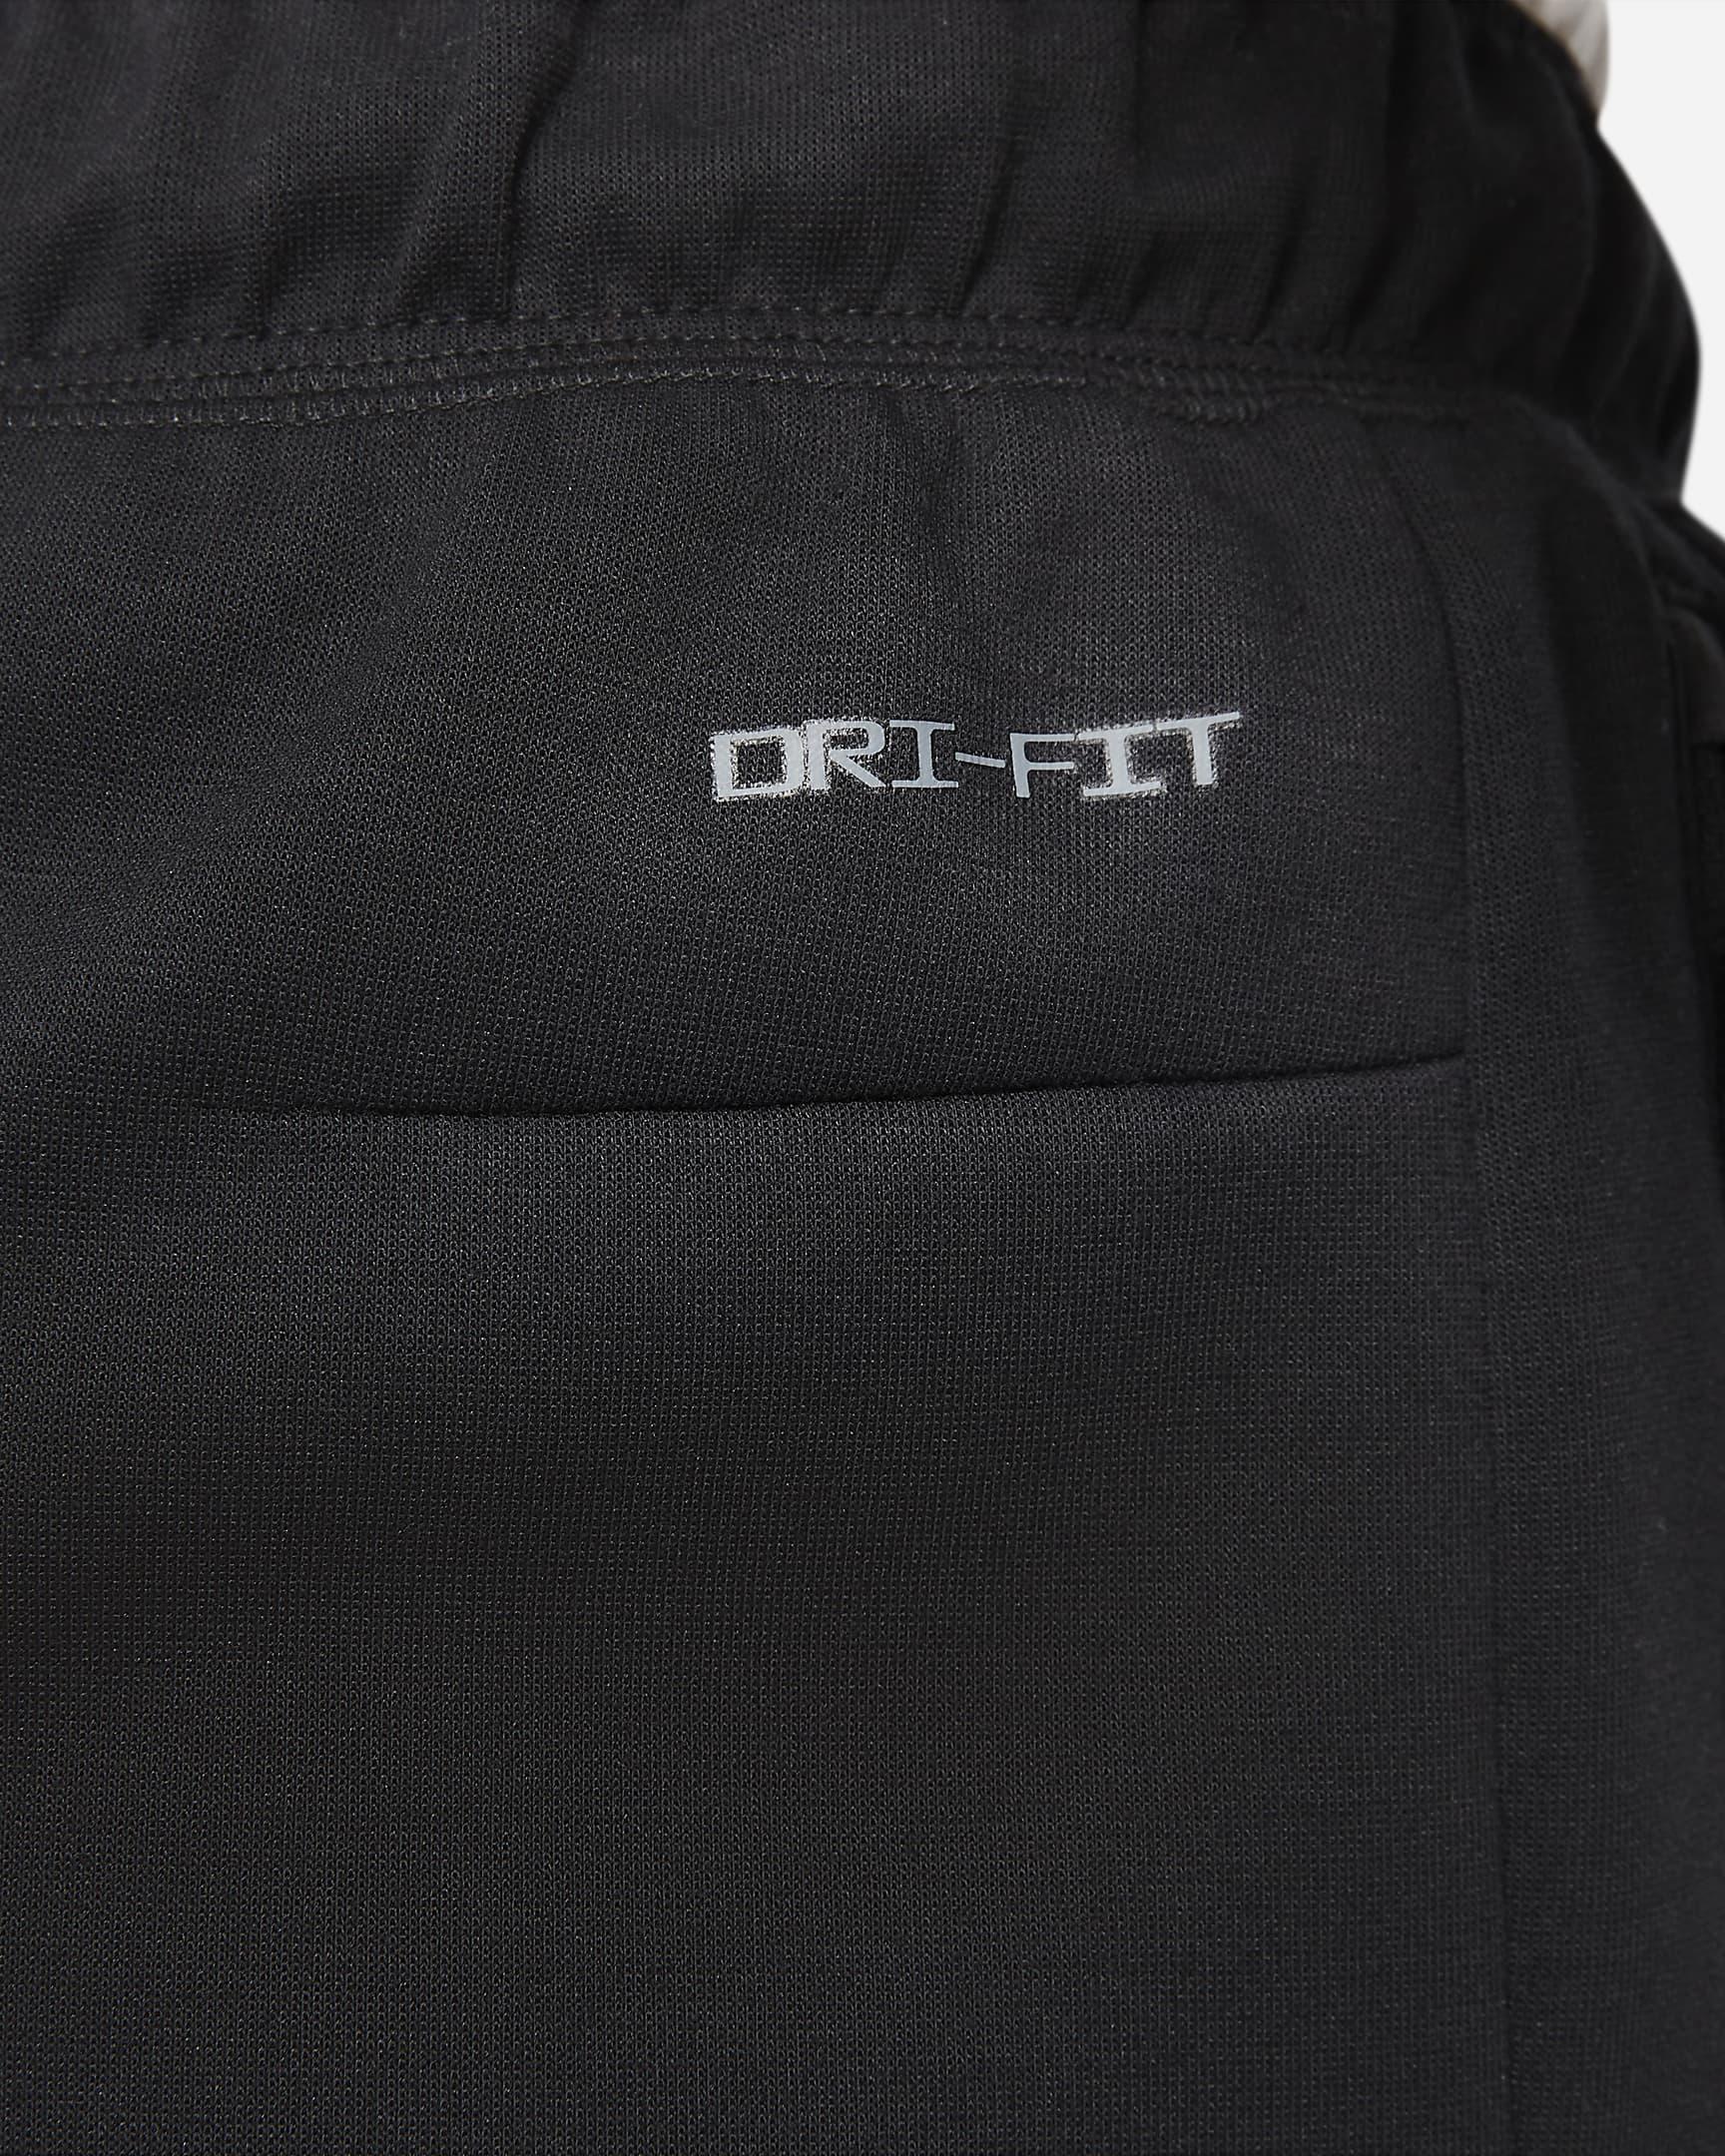 jordan-dri-fit-air-mens-pants-2FKn4X-3.png